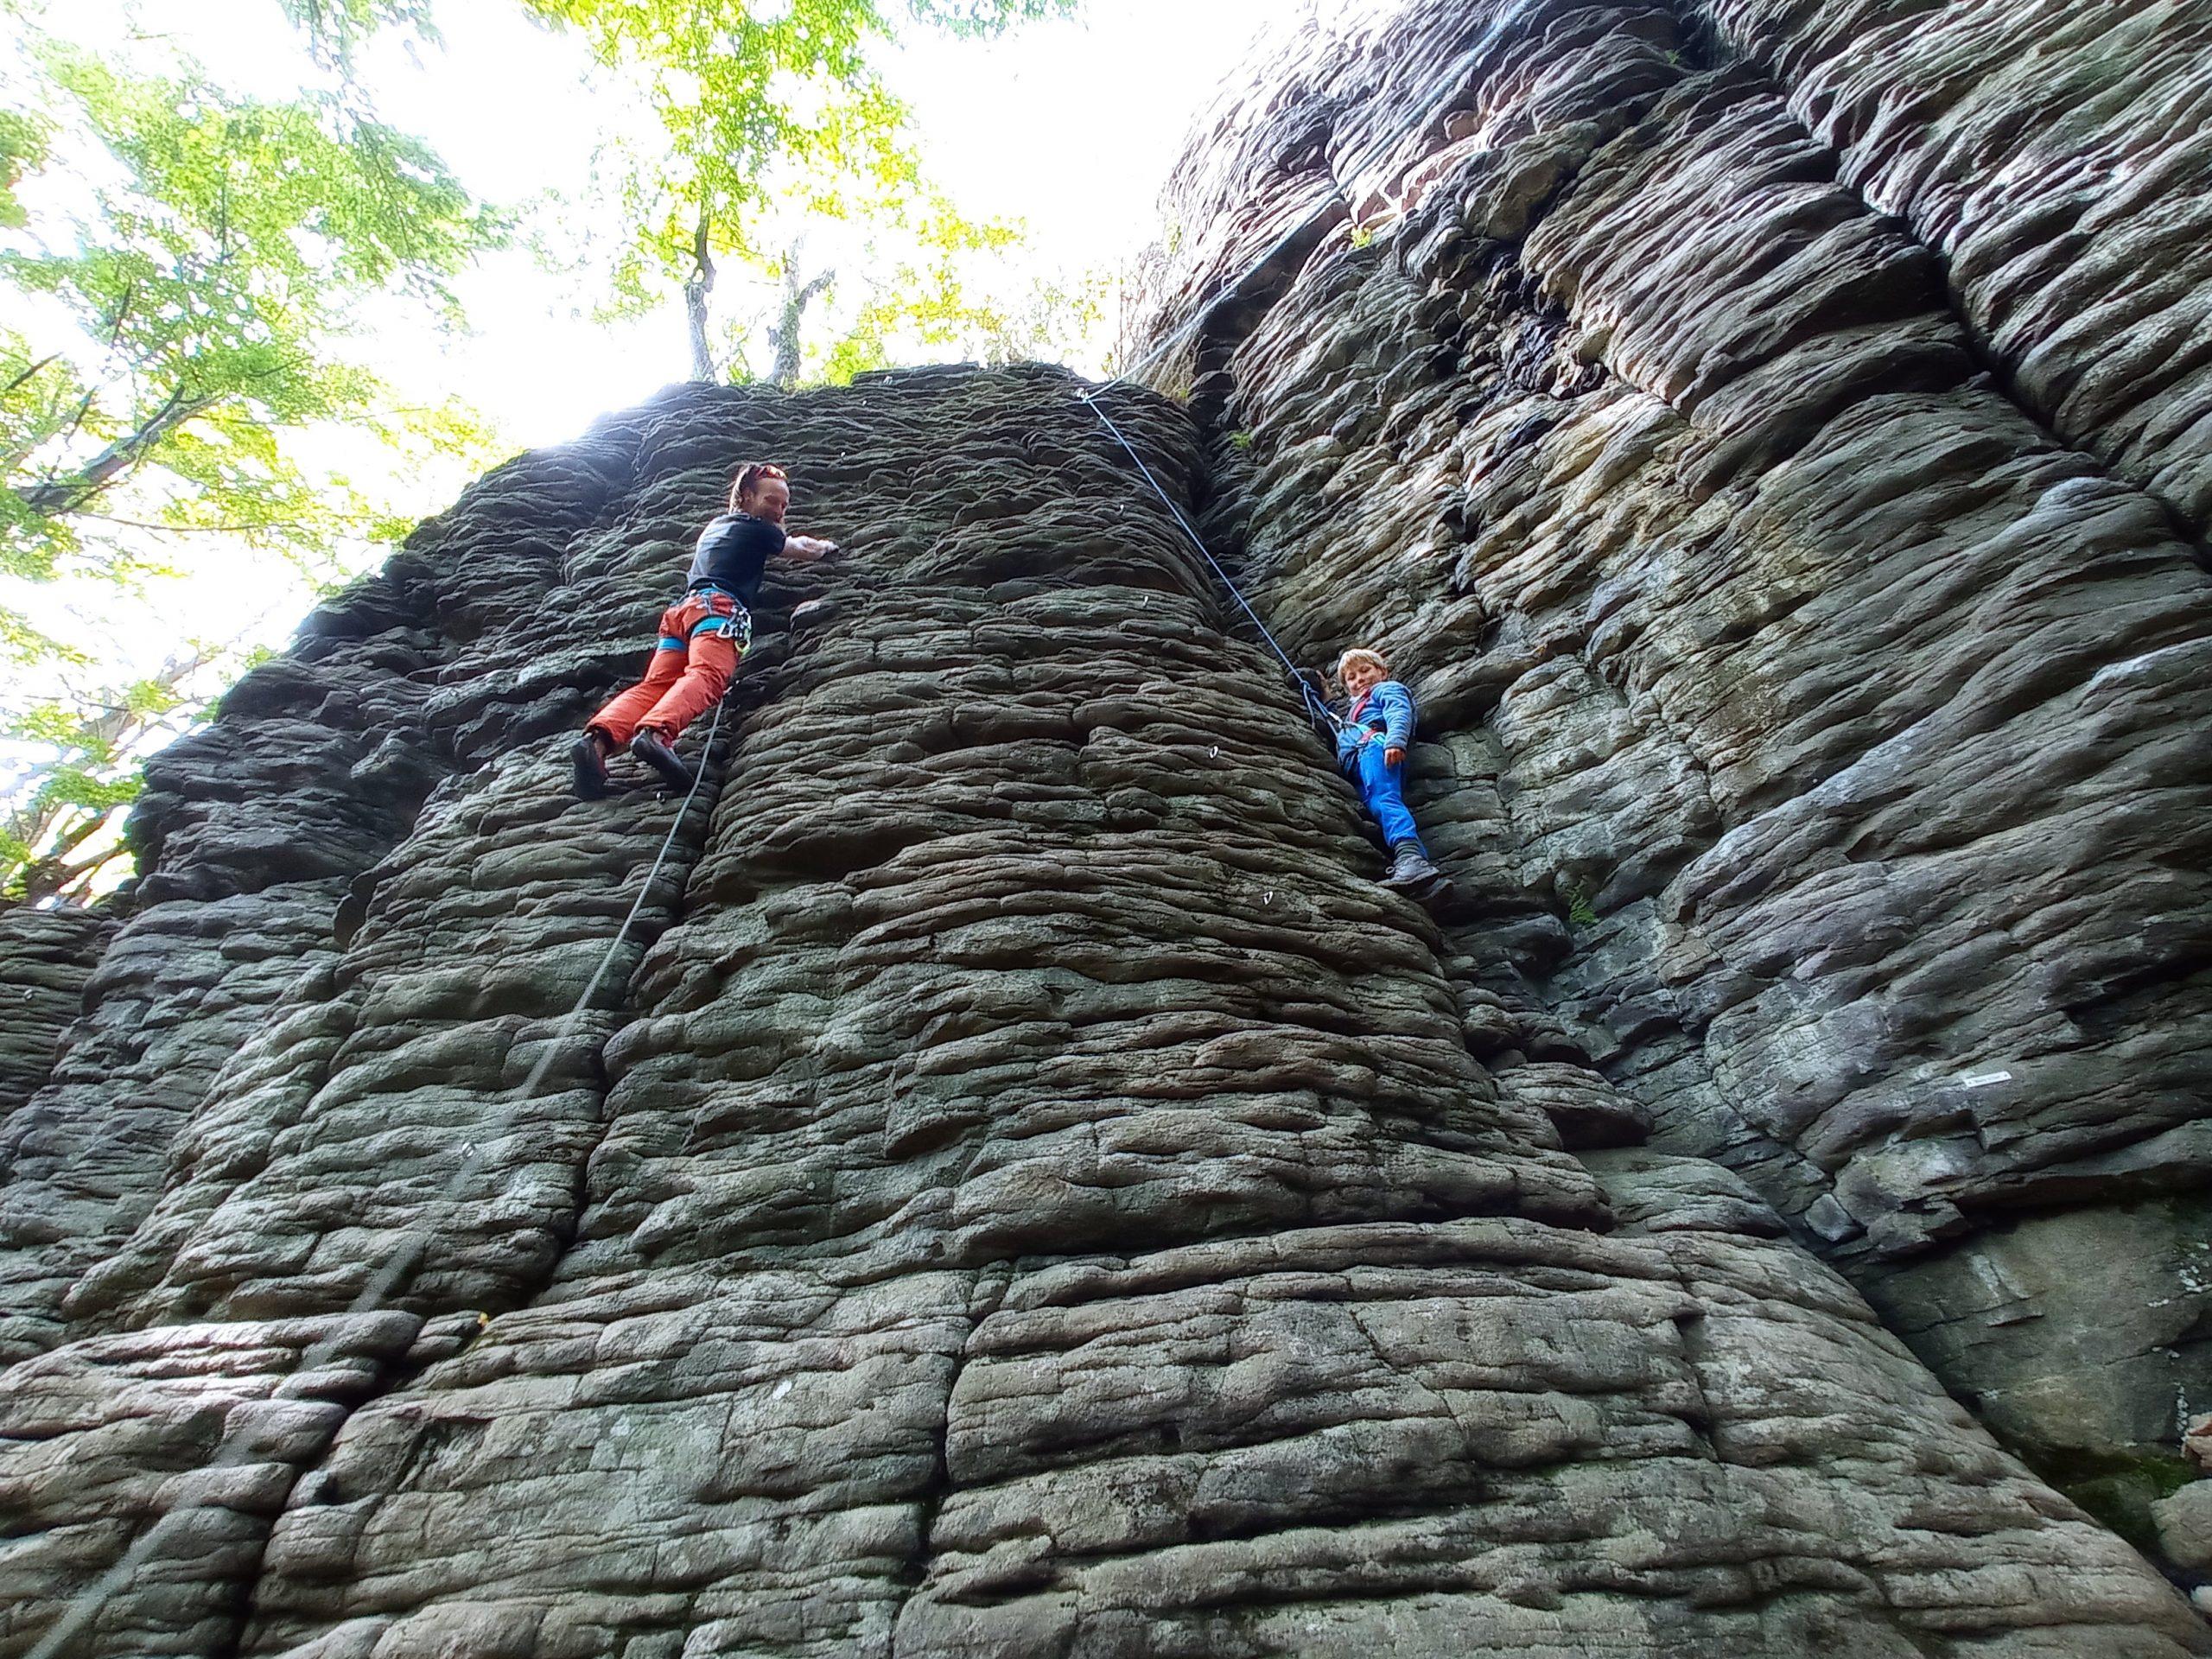 Lezenie na skale